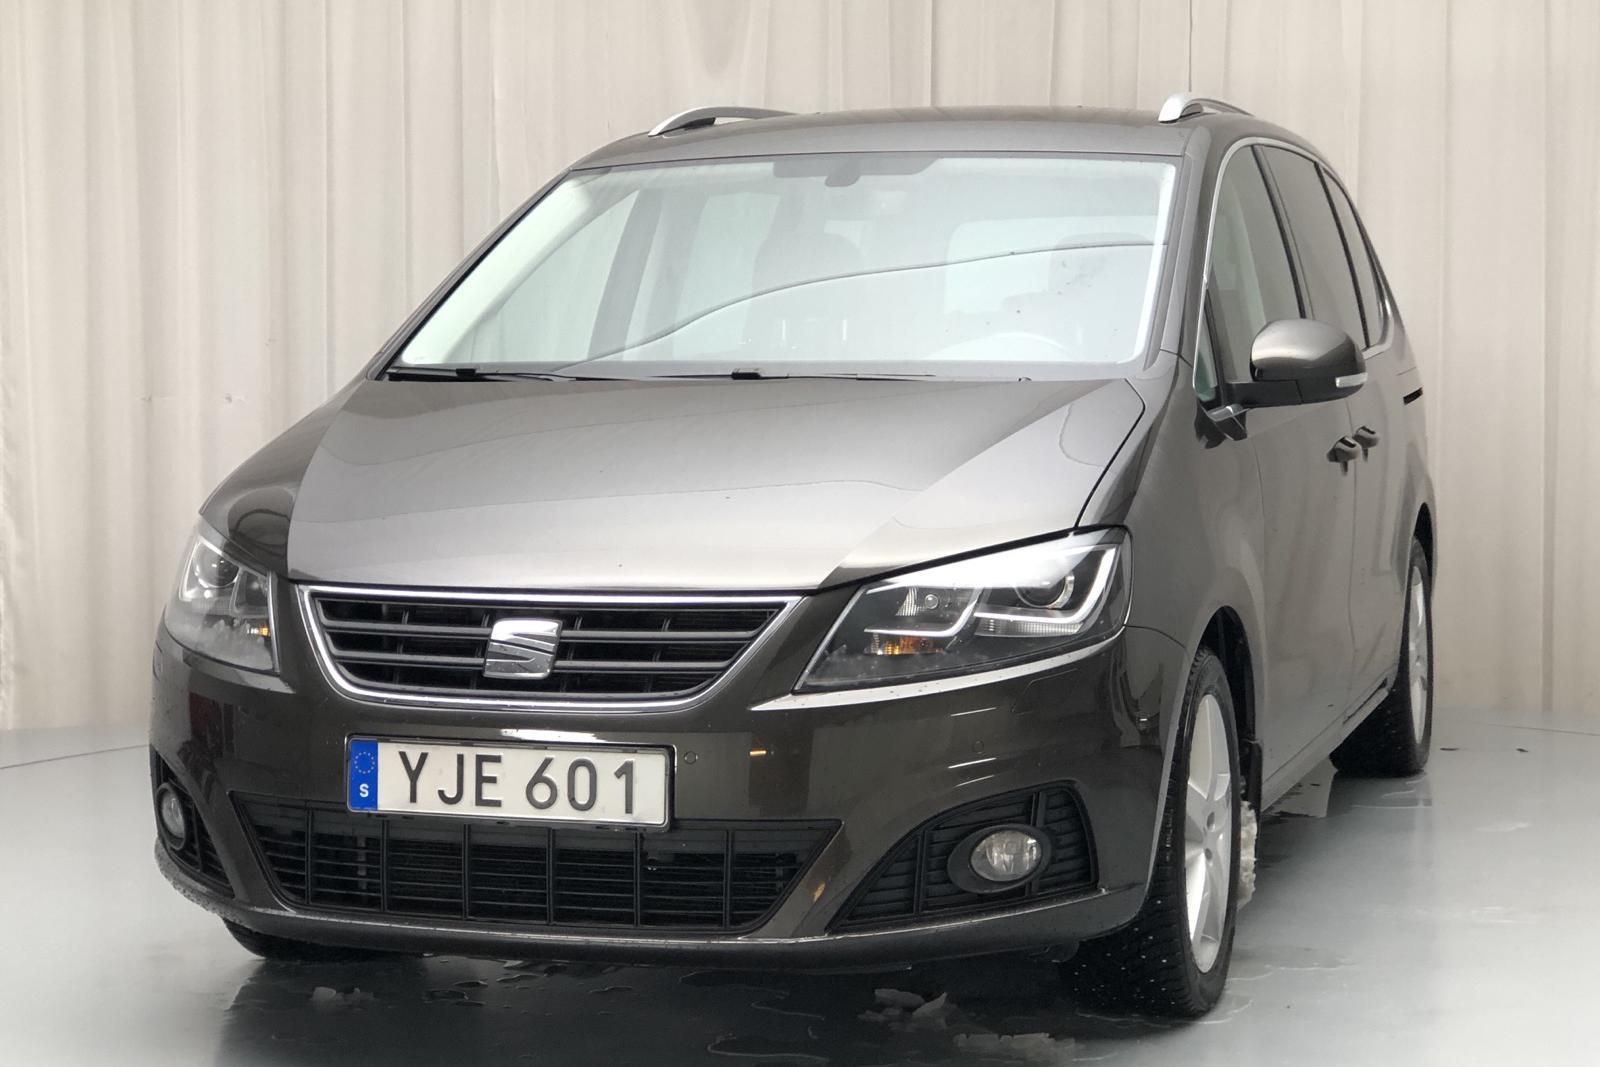 Seat Alhambra 2.0 TDI 4WD (184hk) - 7 681 mil - Automat - Dark Brown - 2017